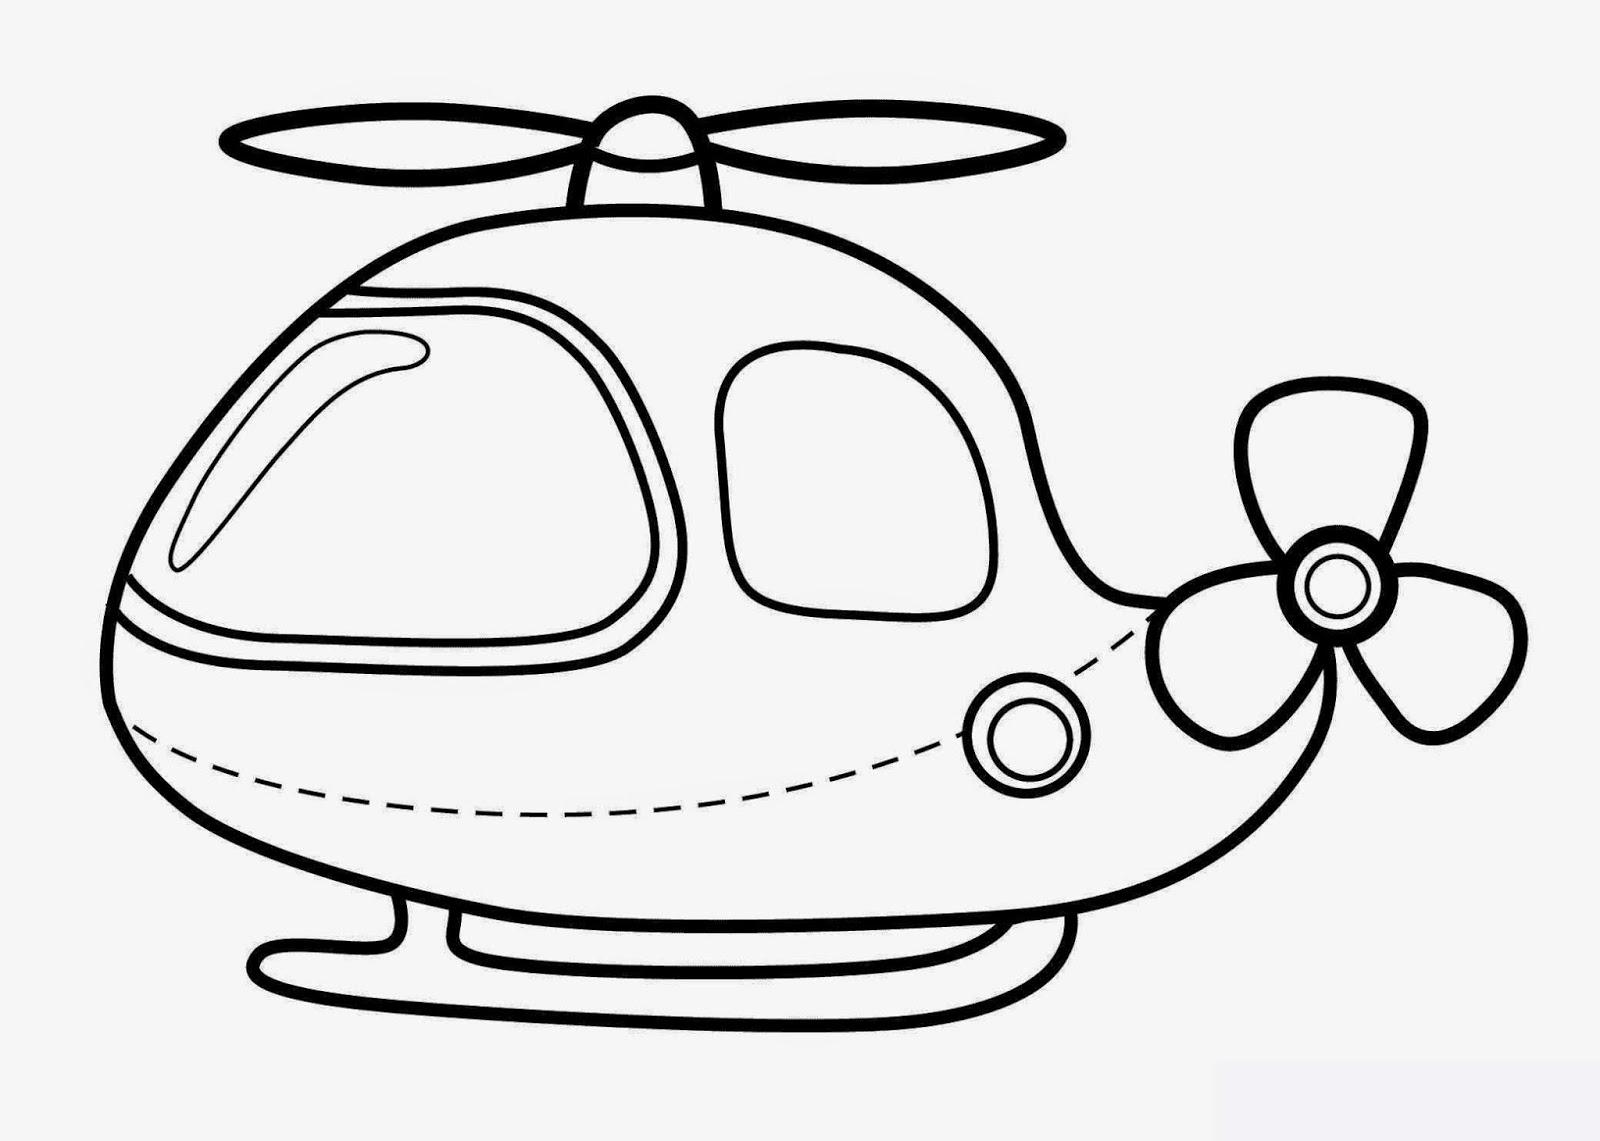 16 Best Images Of Transportation Tracing Worksheets